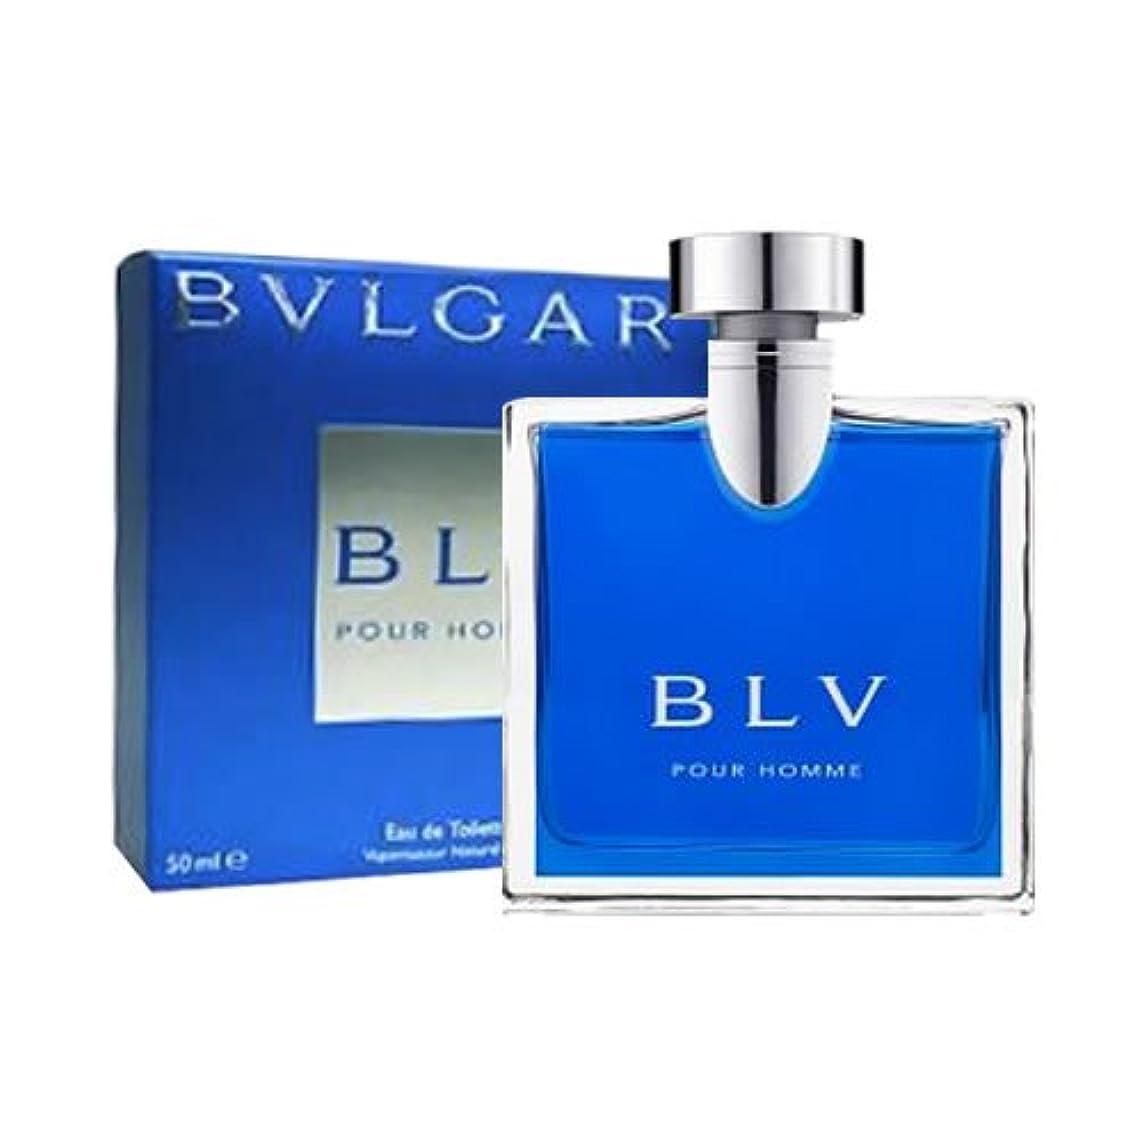 ヘルパー問い合わせる危険を冒しますブルガリ BVLGARI ブルー プールオム EDT 50ml [並行輸入品]